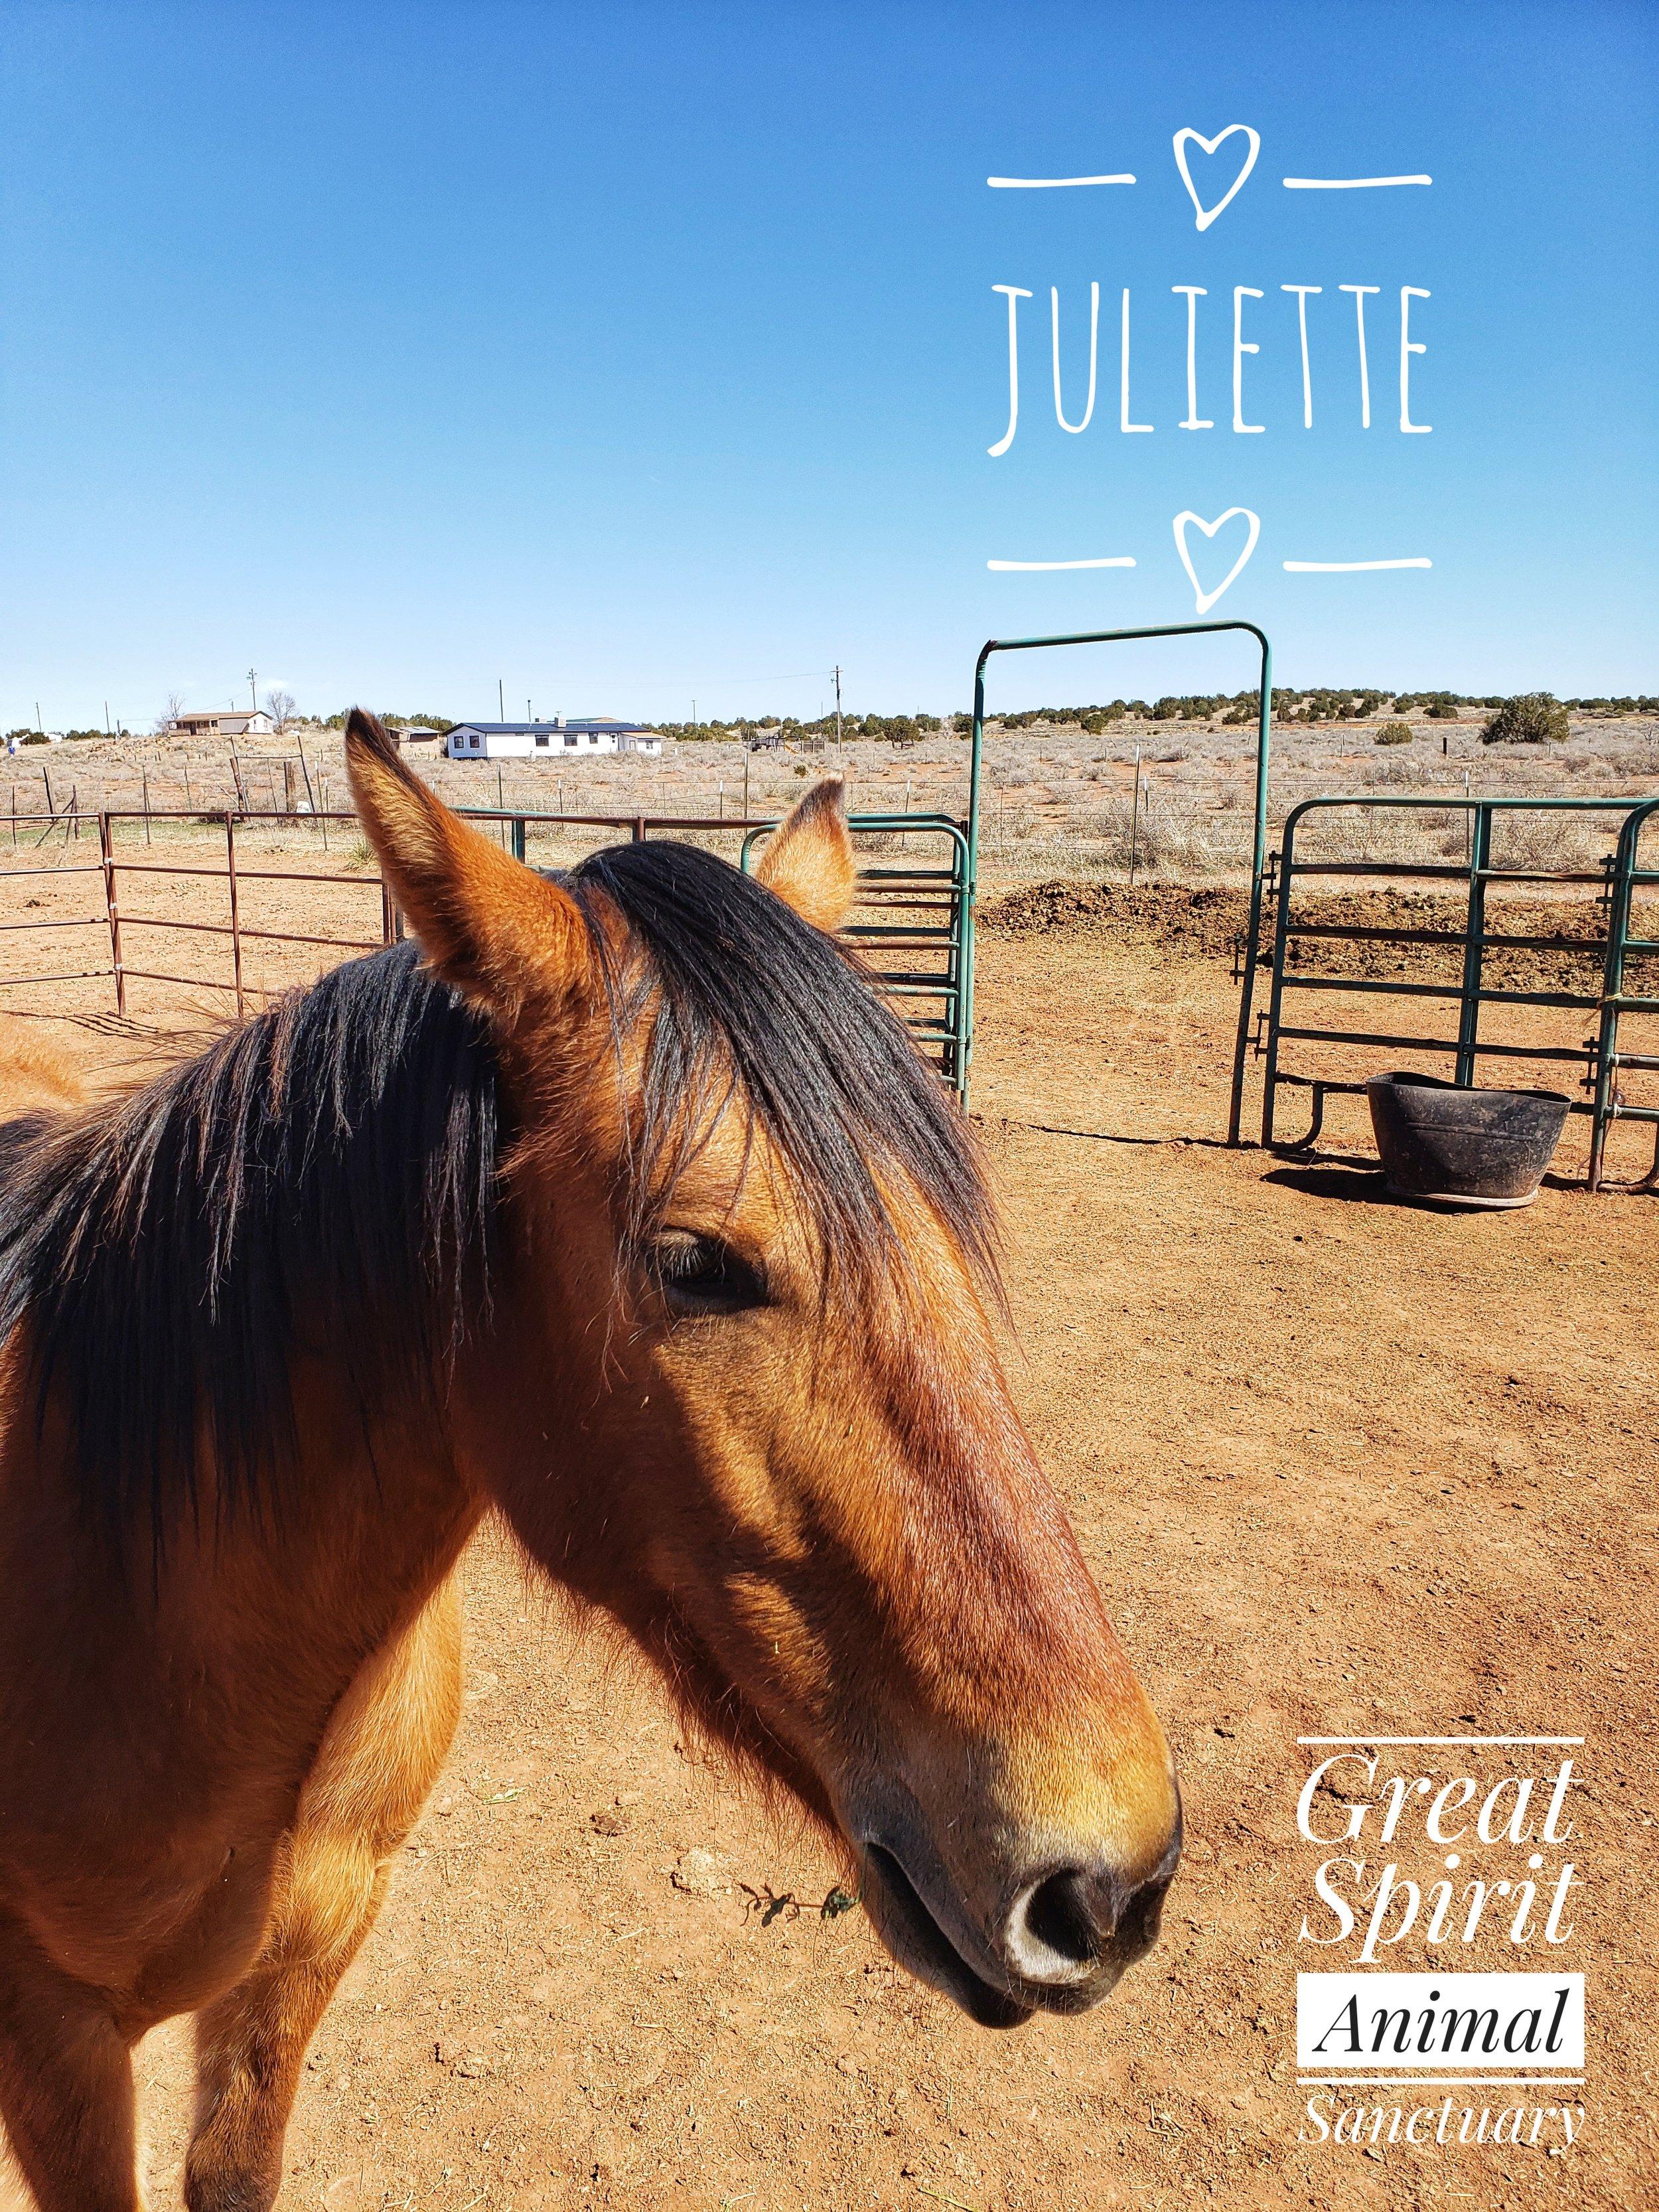 Juliette -